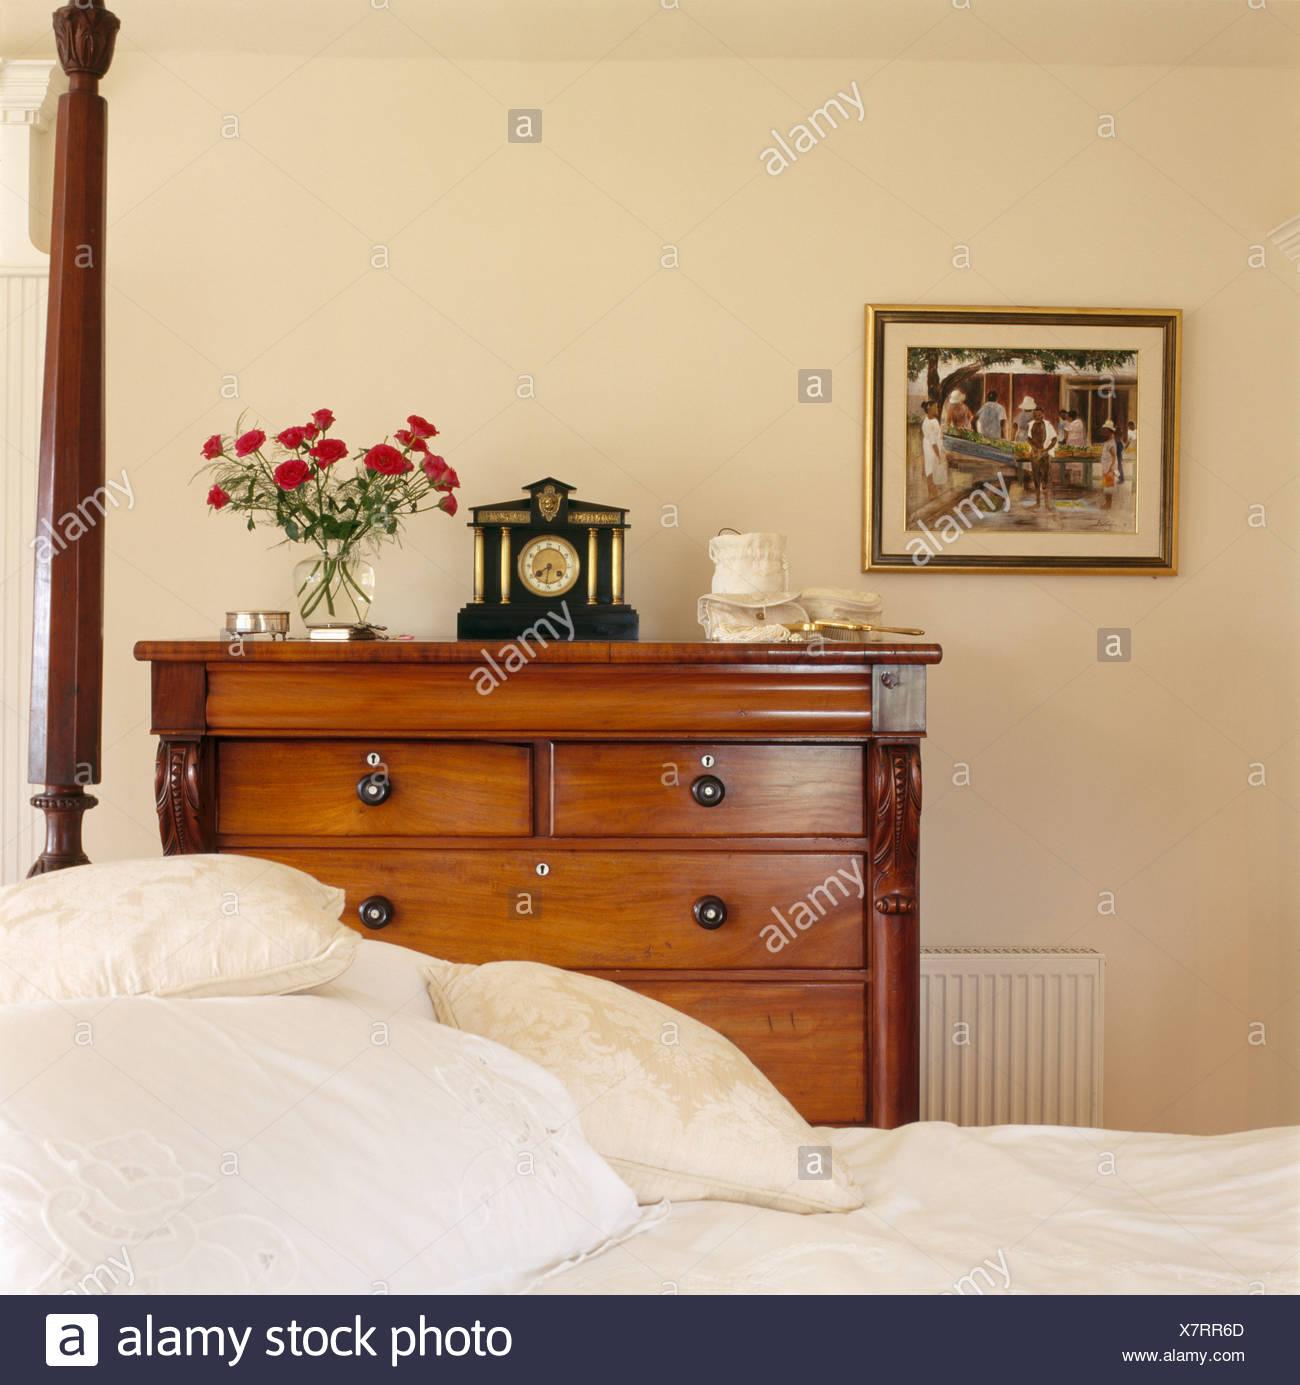 Antike Kommode Neben Bett Mit Weissem Leinen In Weisse Schlafzimmer